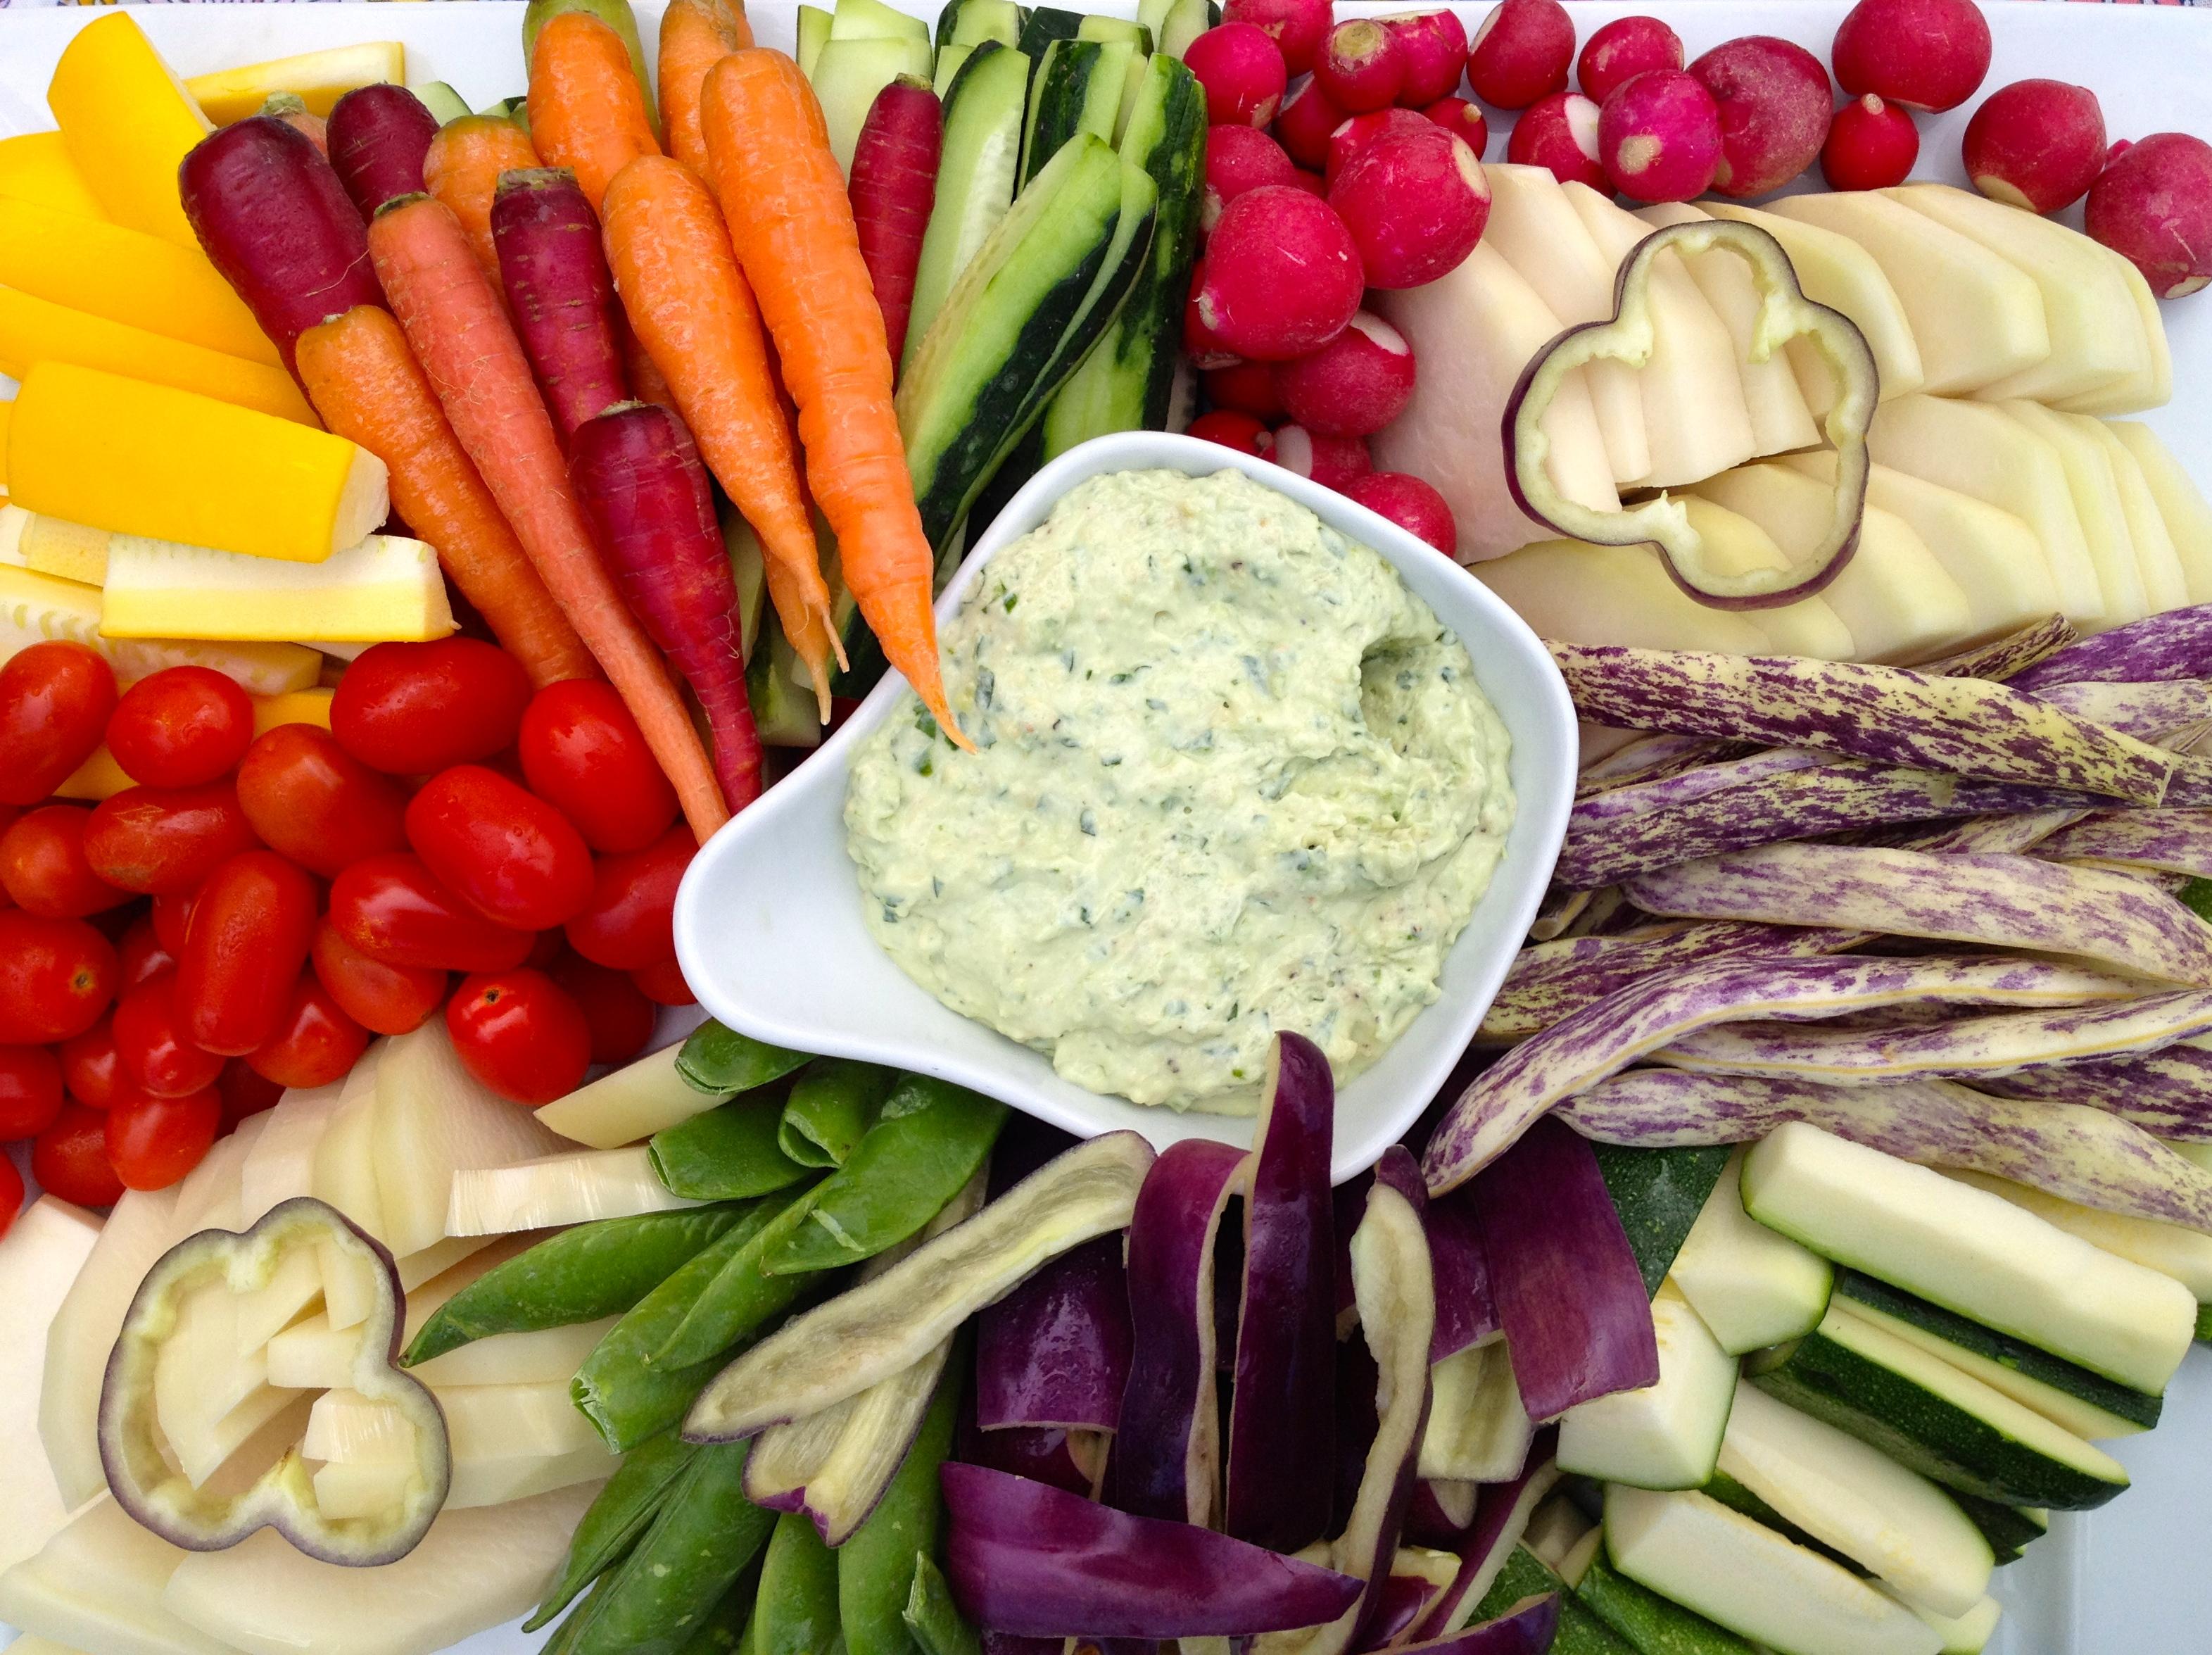 Alberta produce